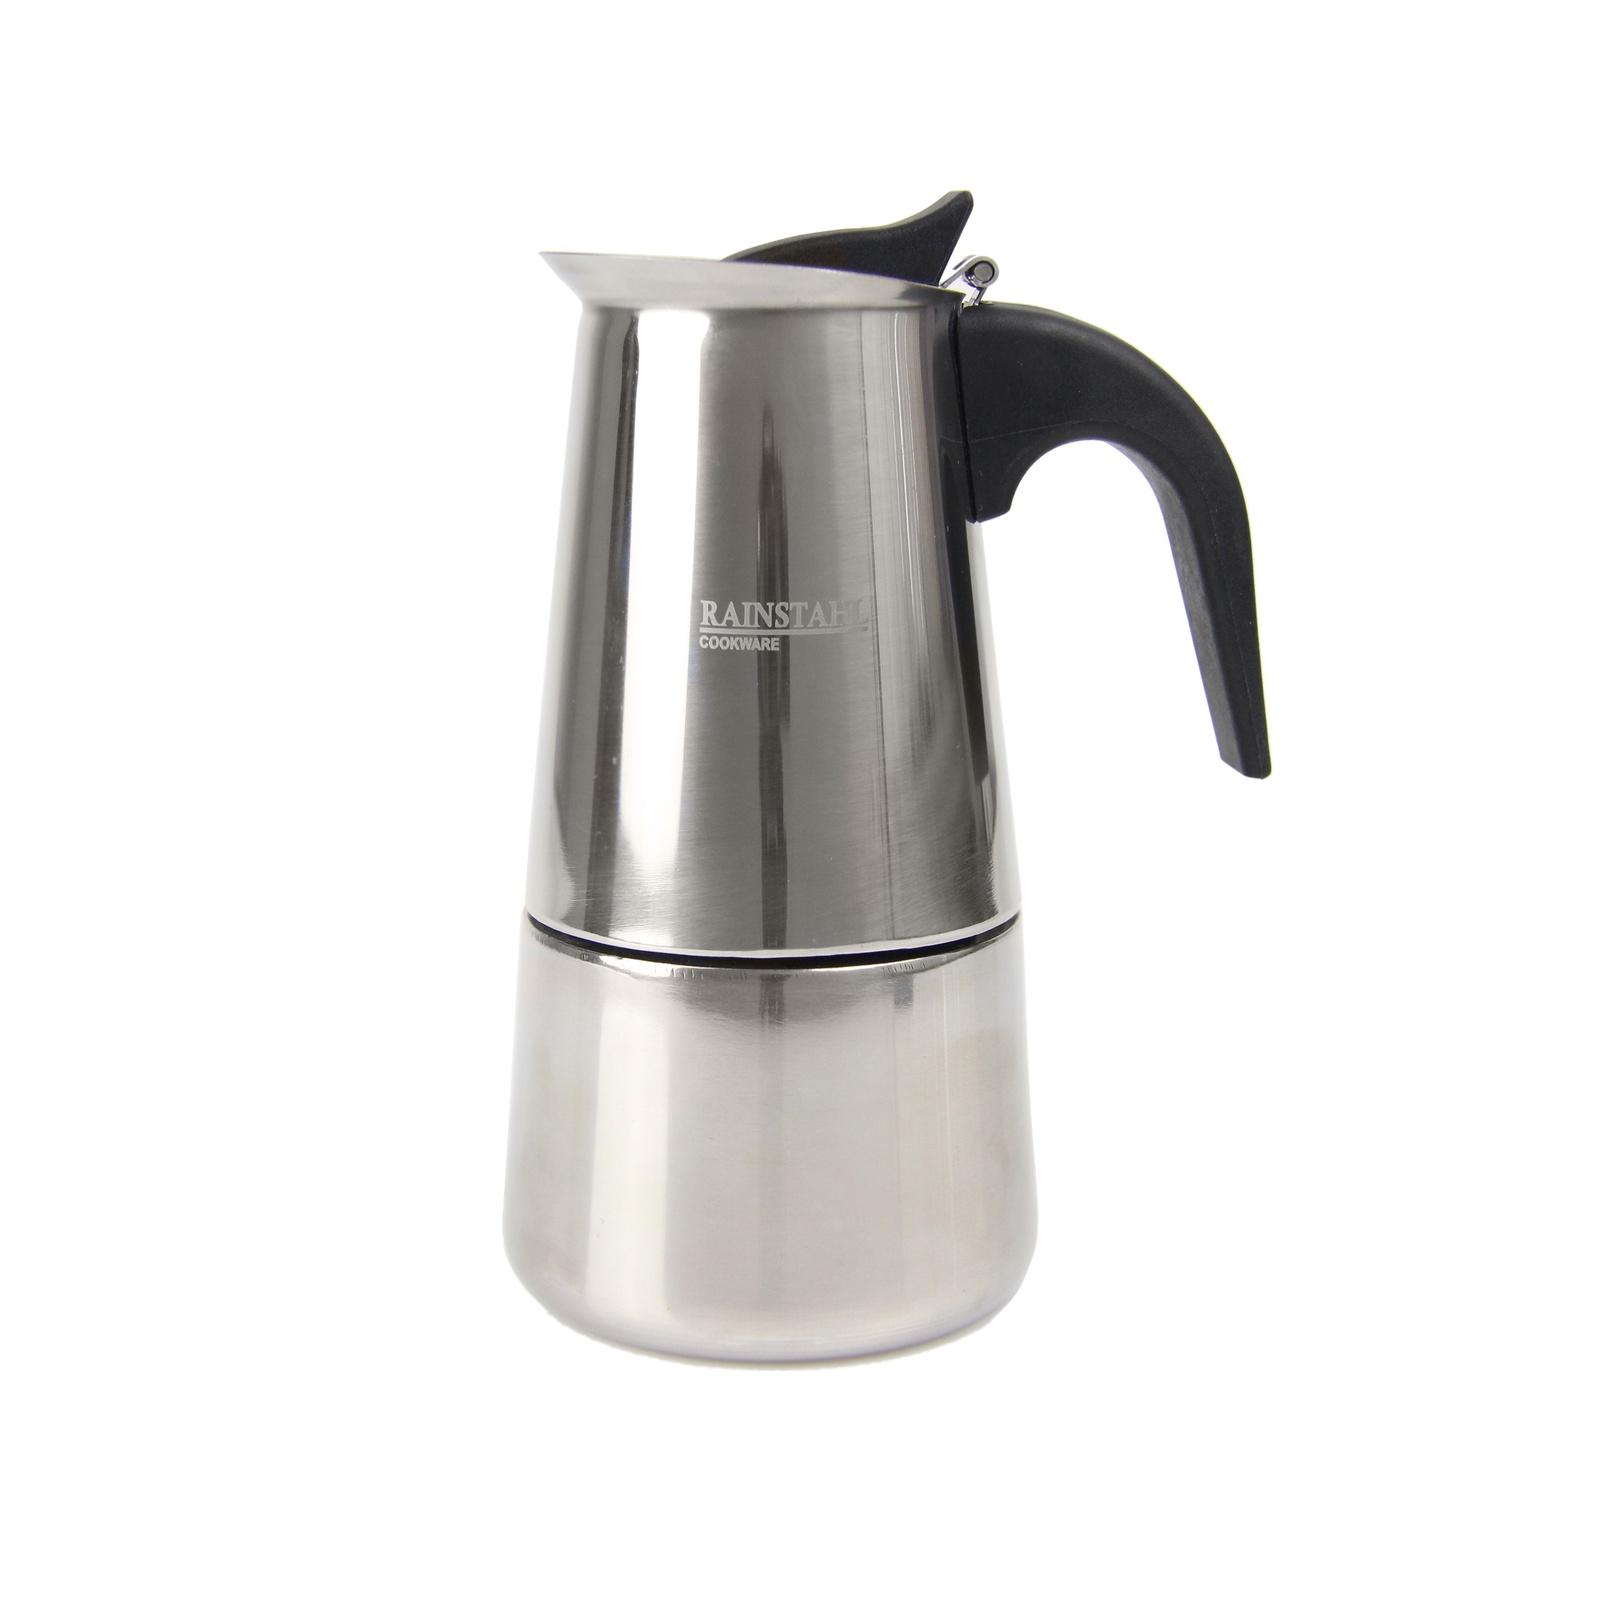 Кофеварка Rainstahl на 2 чашки кофеварка energy en 601 450вт кремовая 2 чашки